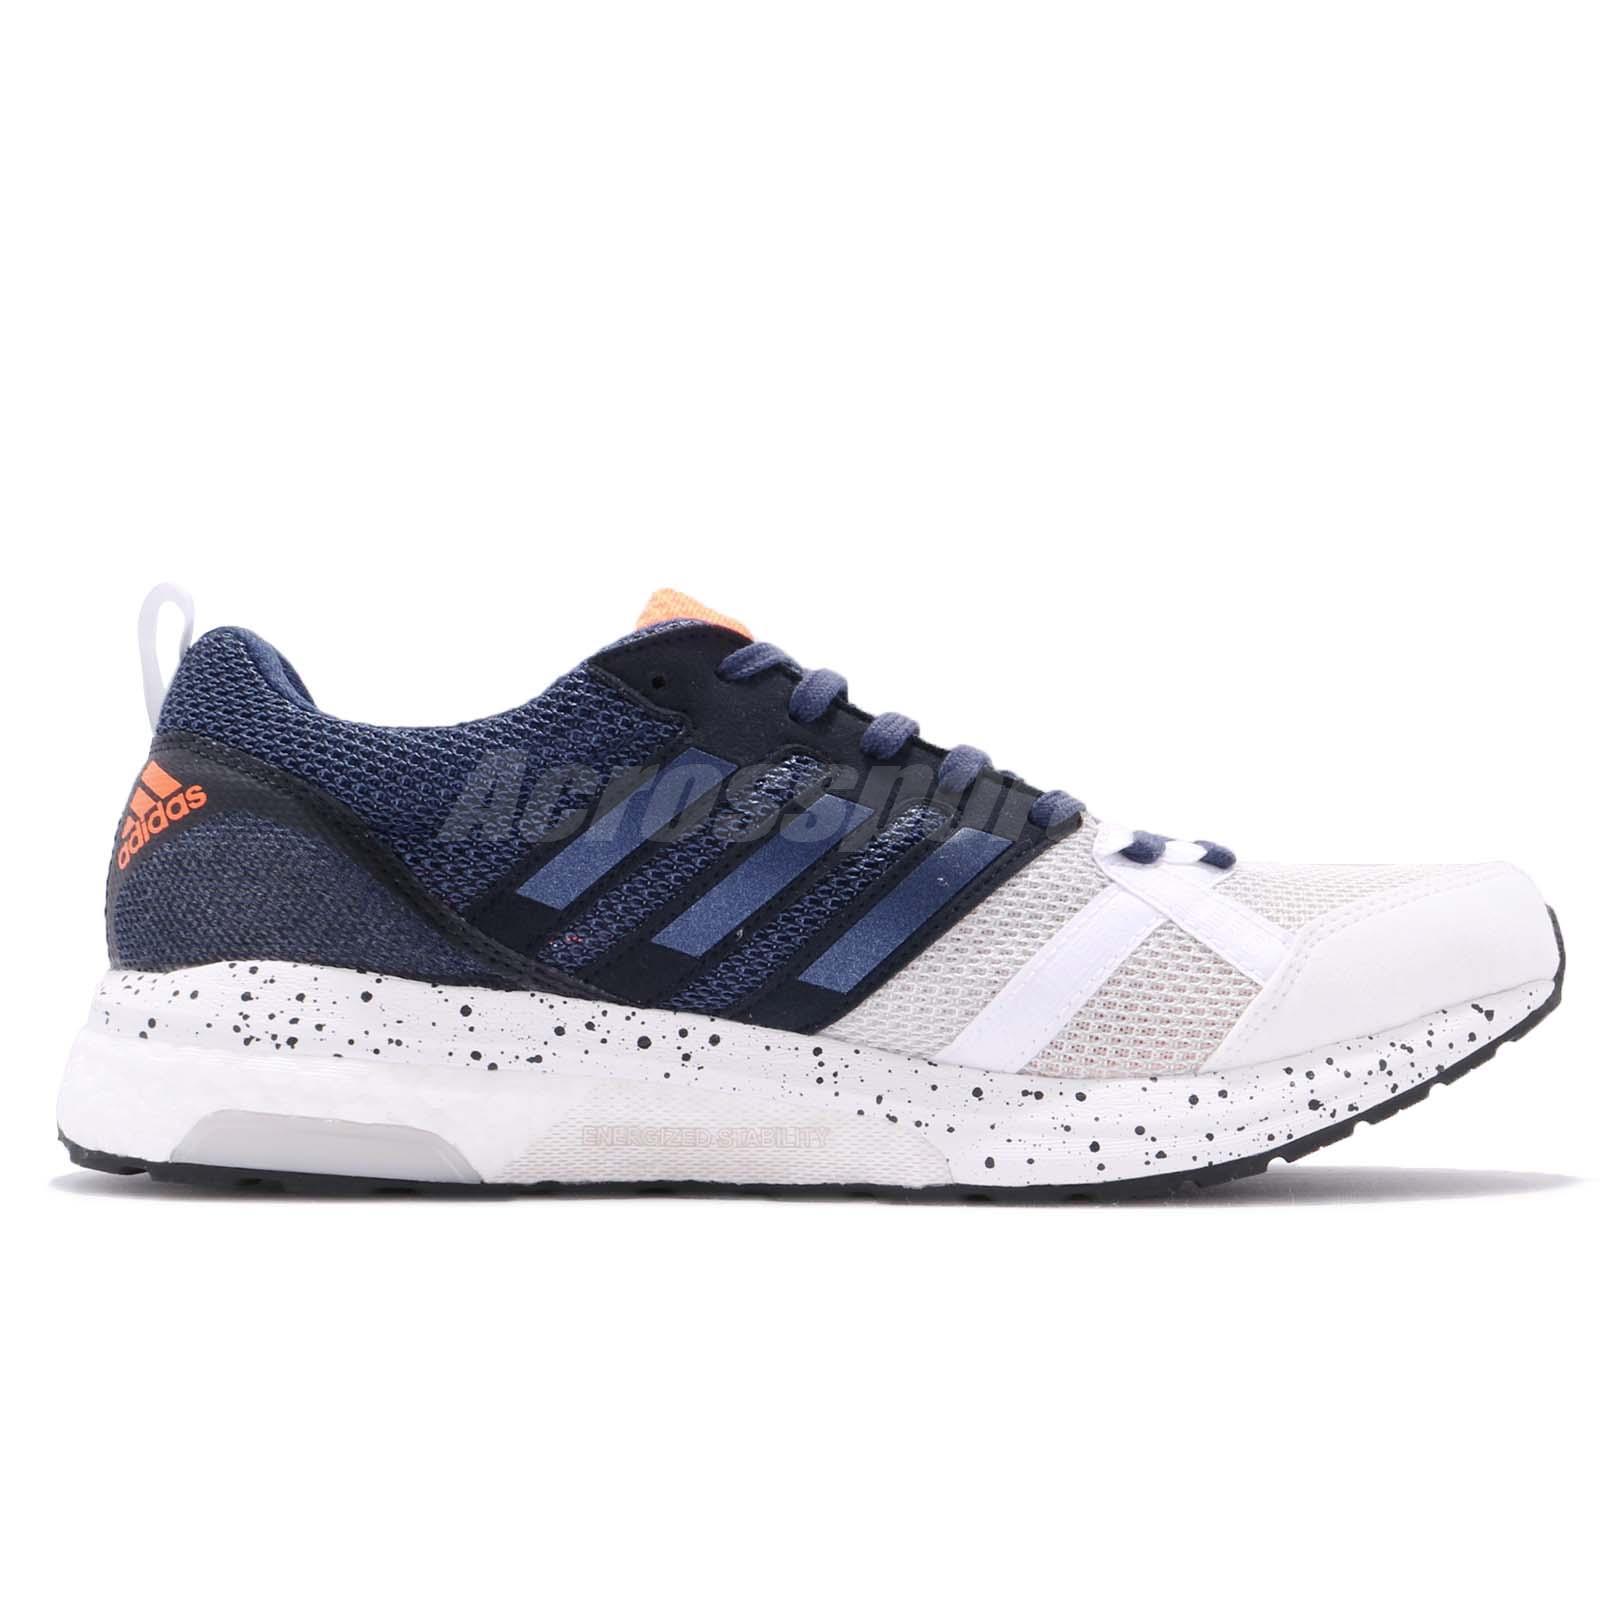 1803 adidas adizero Tempo 9 Men 's Training Running Shoes BB6434